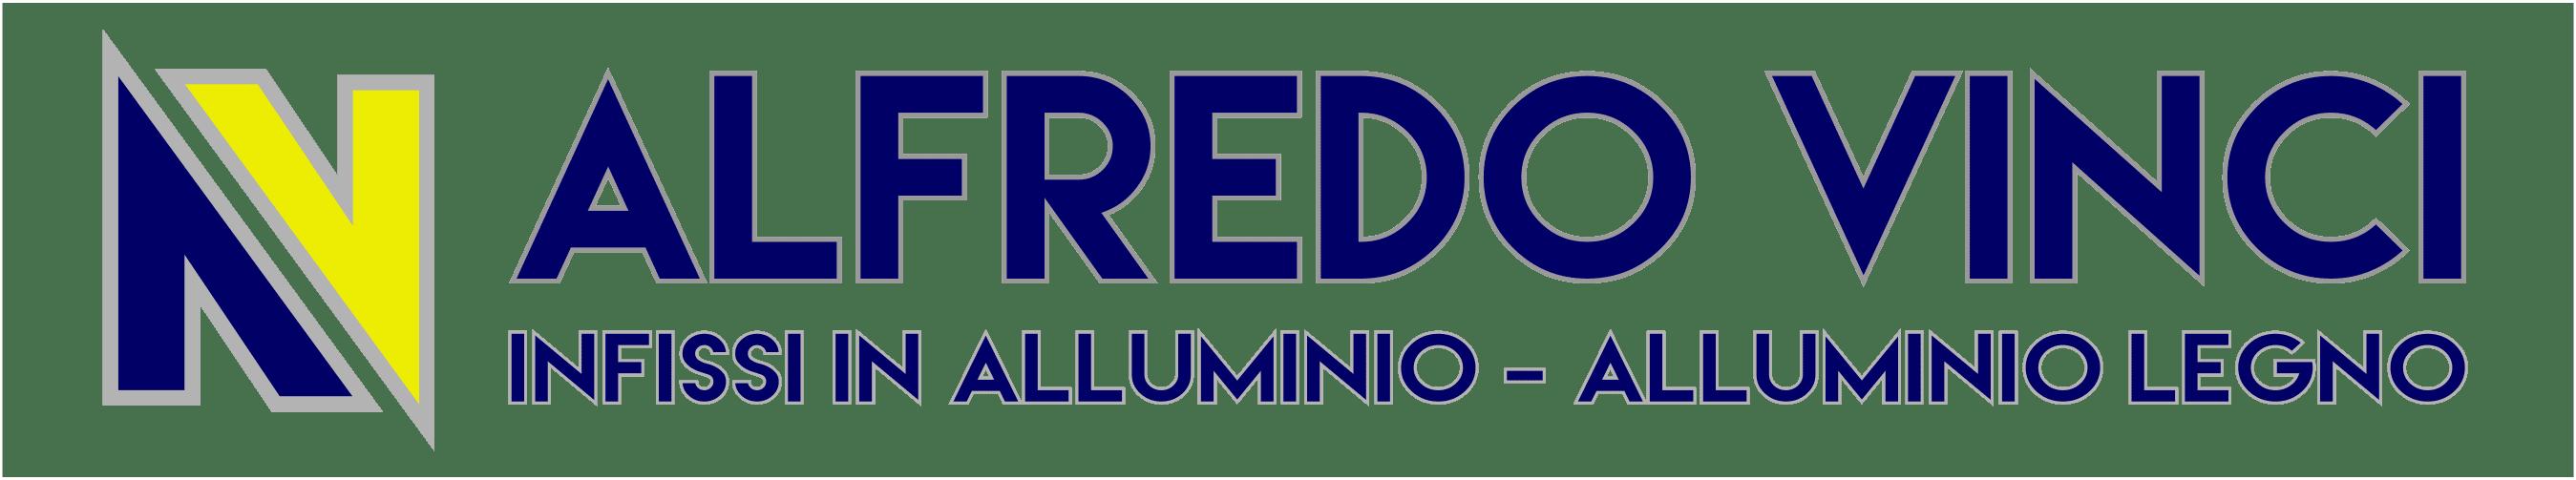 Infissi Alfredo Vinci – Alatri – Frosinone – Roma – Latina – Lazio